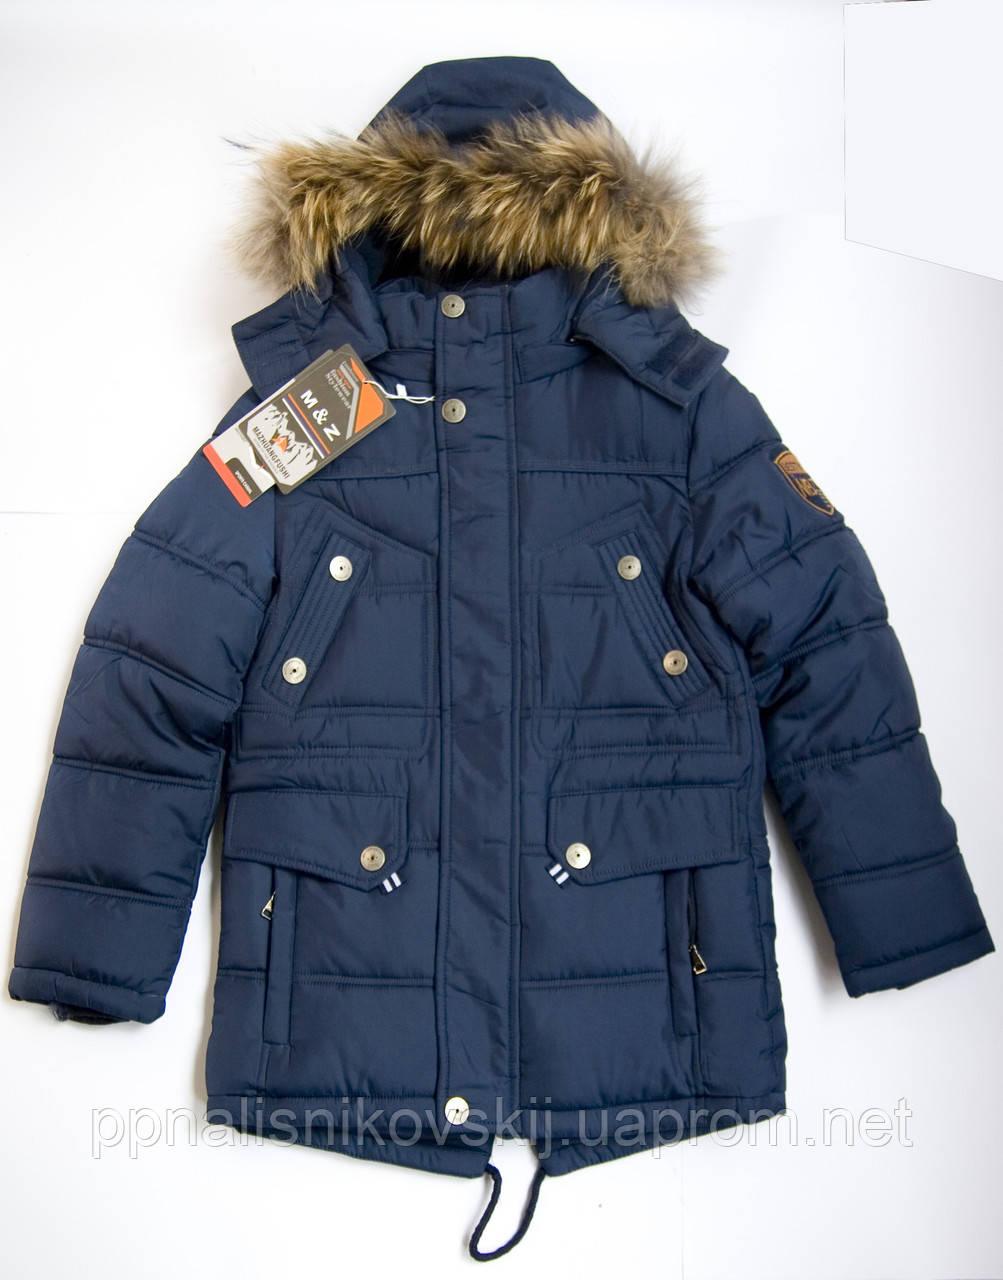 Зимняя модная верхняя одежда